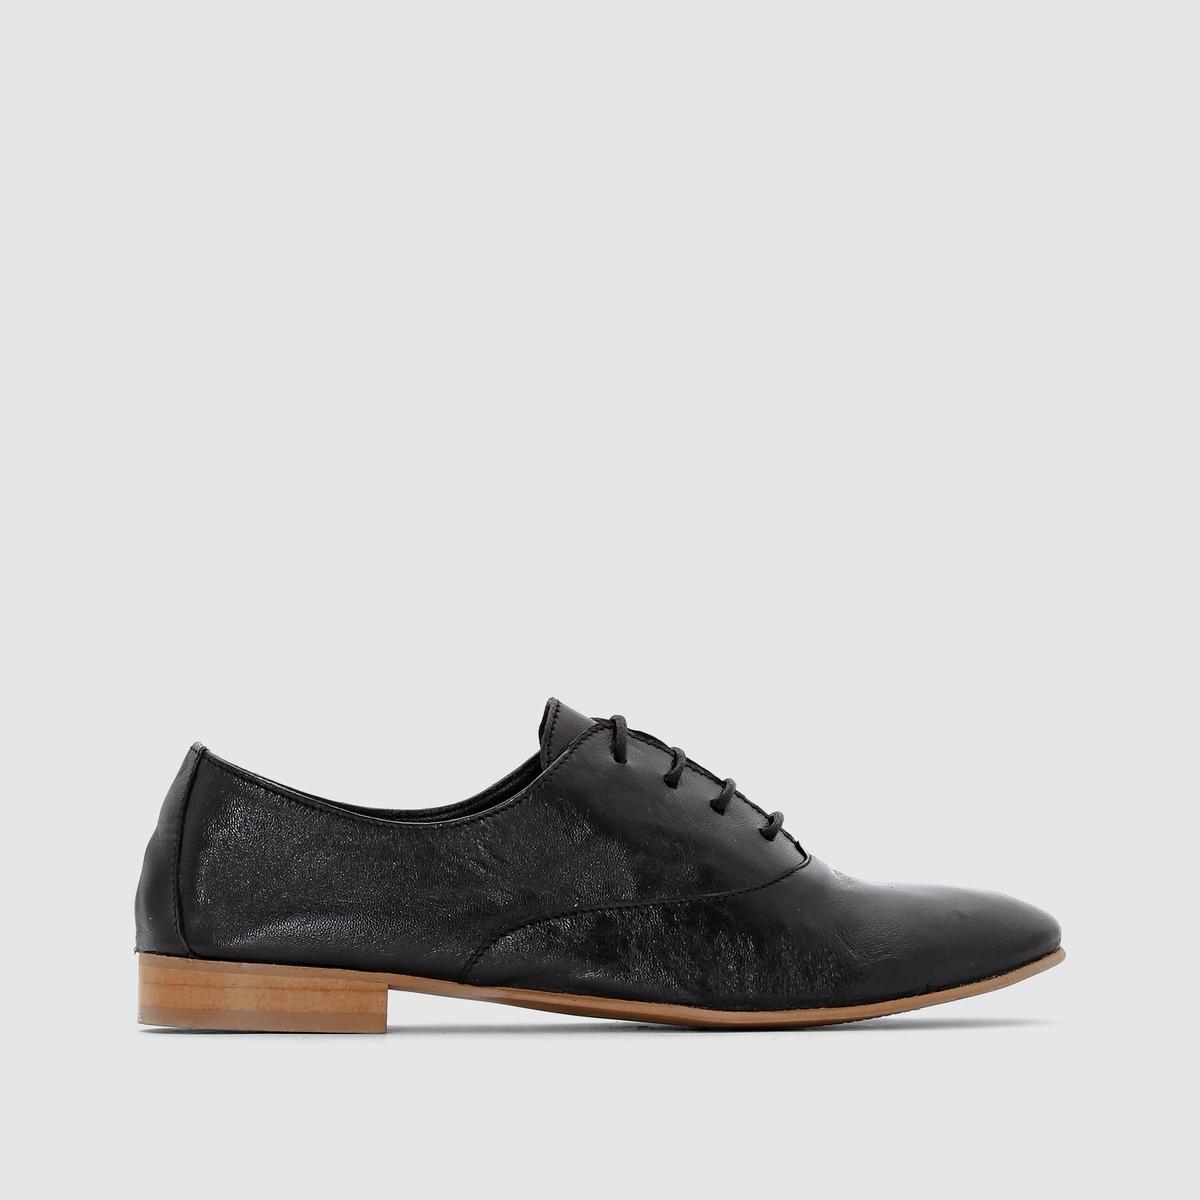 Ботинки-дерби из мягкой кожиДетали   •  Ботинки-дерби •  Высота каблука : 0 см •  Застежка : шнуровка •  Круглый мысок •  Гладкая отделкаСостав и уход   •  Верх 100% кожа •  Подкладка 100% кожа<br><br>Цвет: черный<br>Размер: 39.42.41.37.36